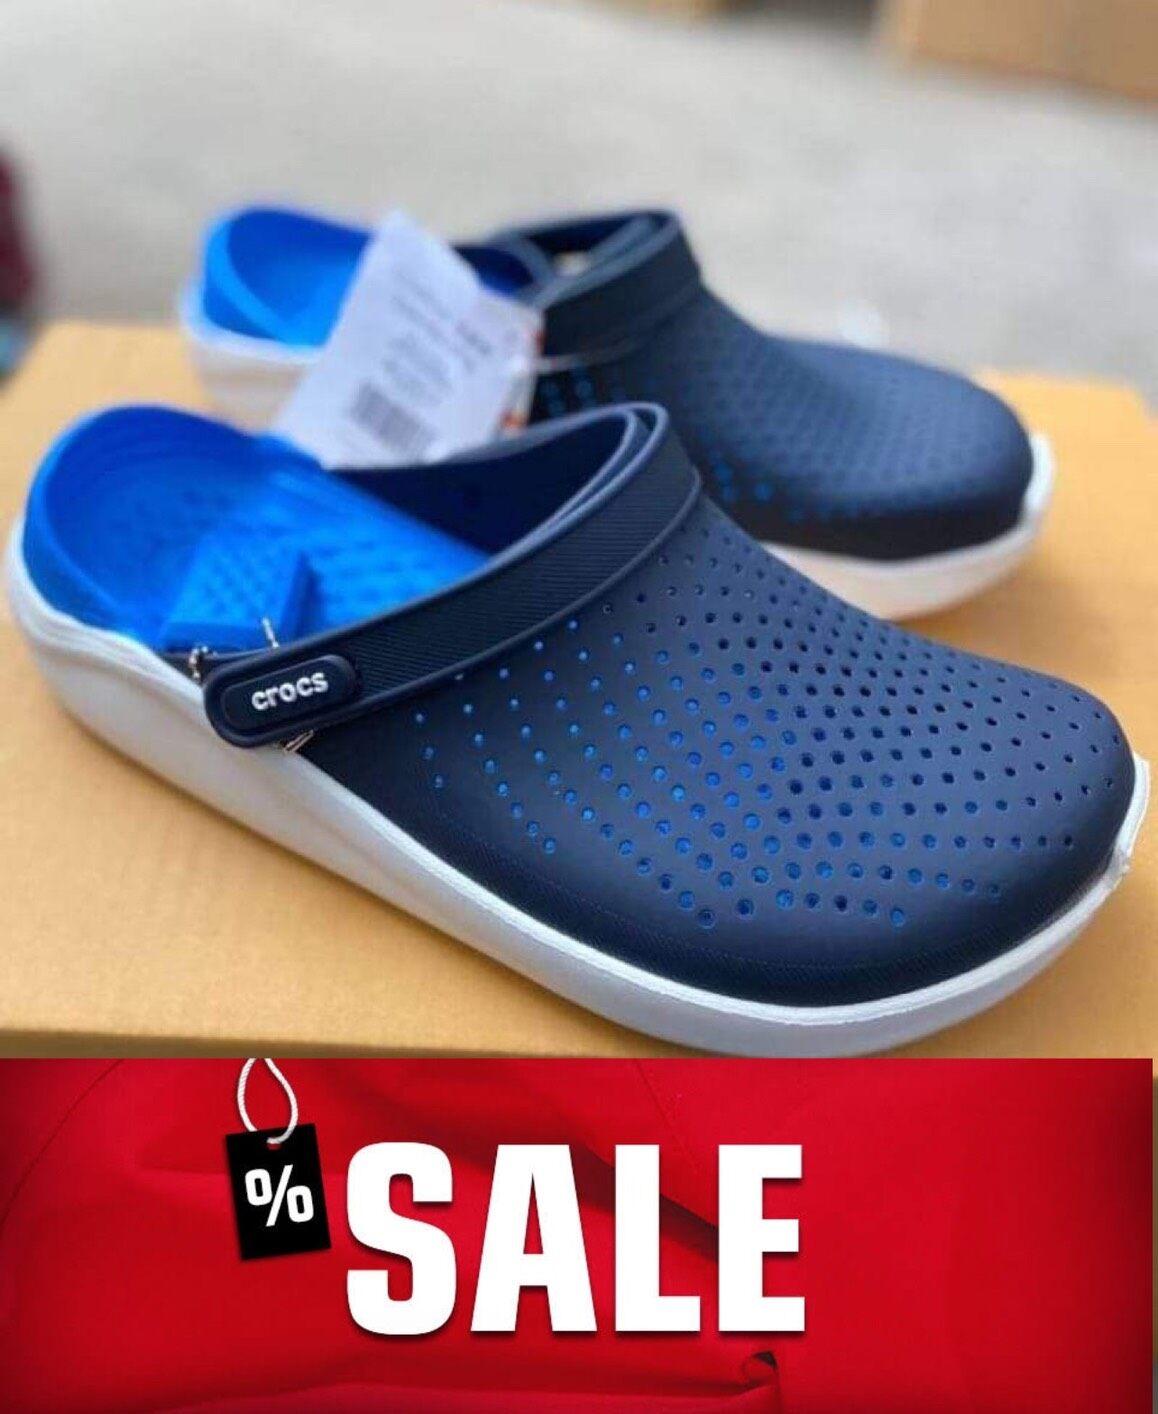 รองเท้าแตะ LiteRide ใส่สบาย ทั้งชายและหญิง วัสดุผลิตจากยางแท้ 100% D1